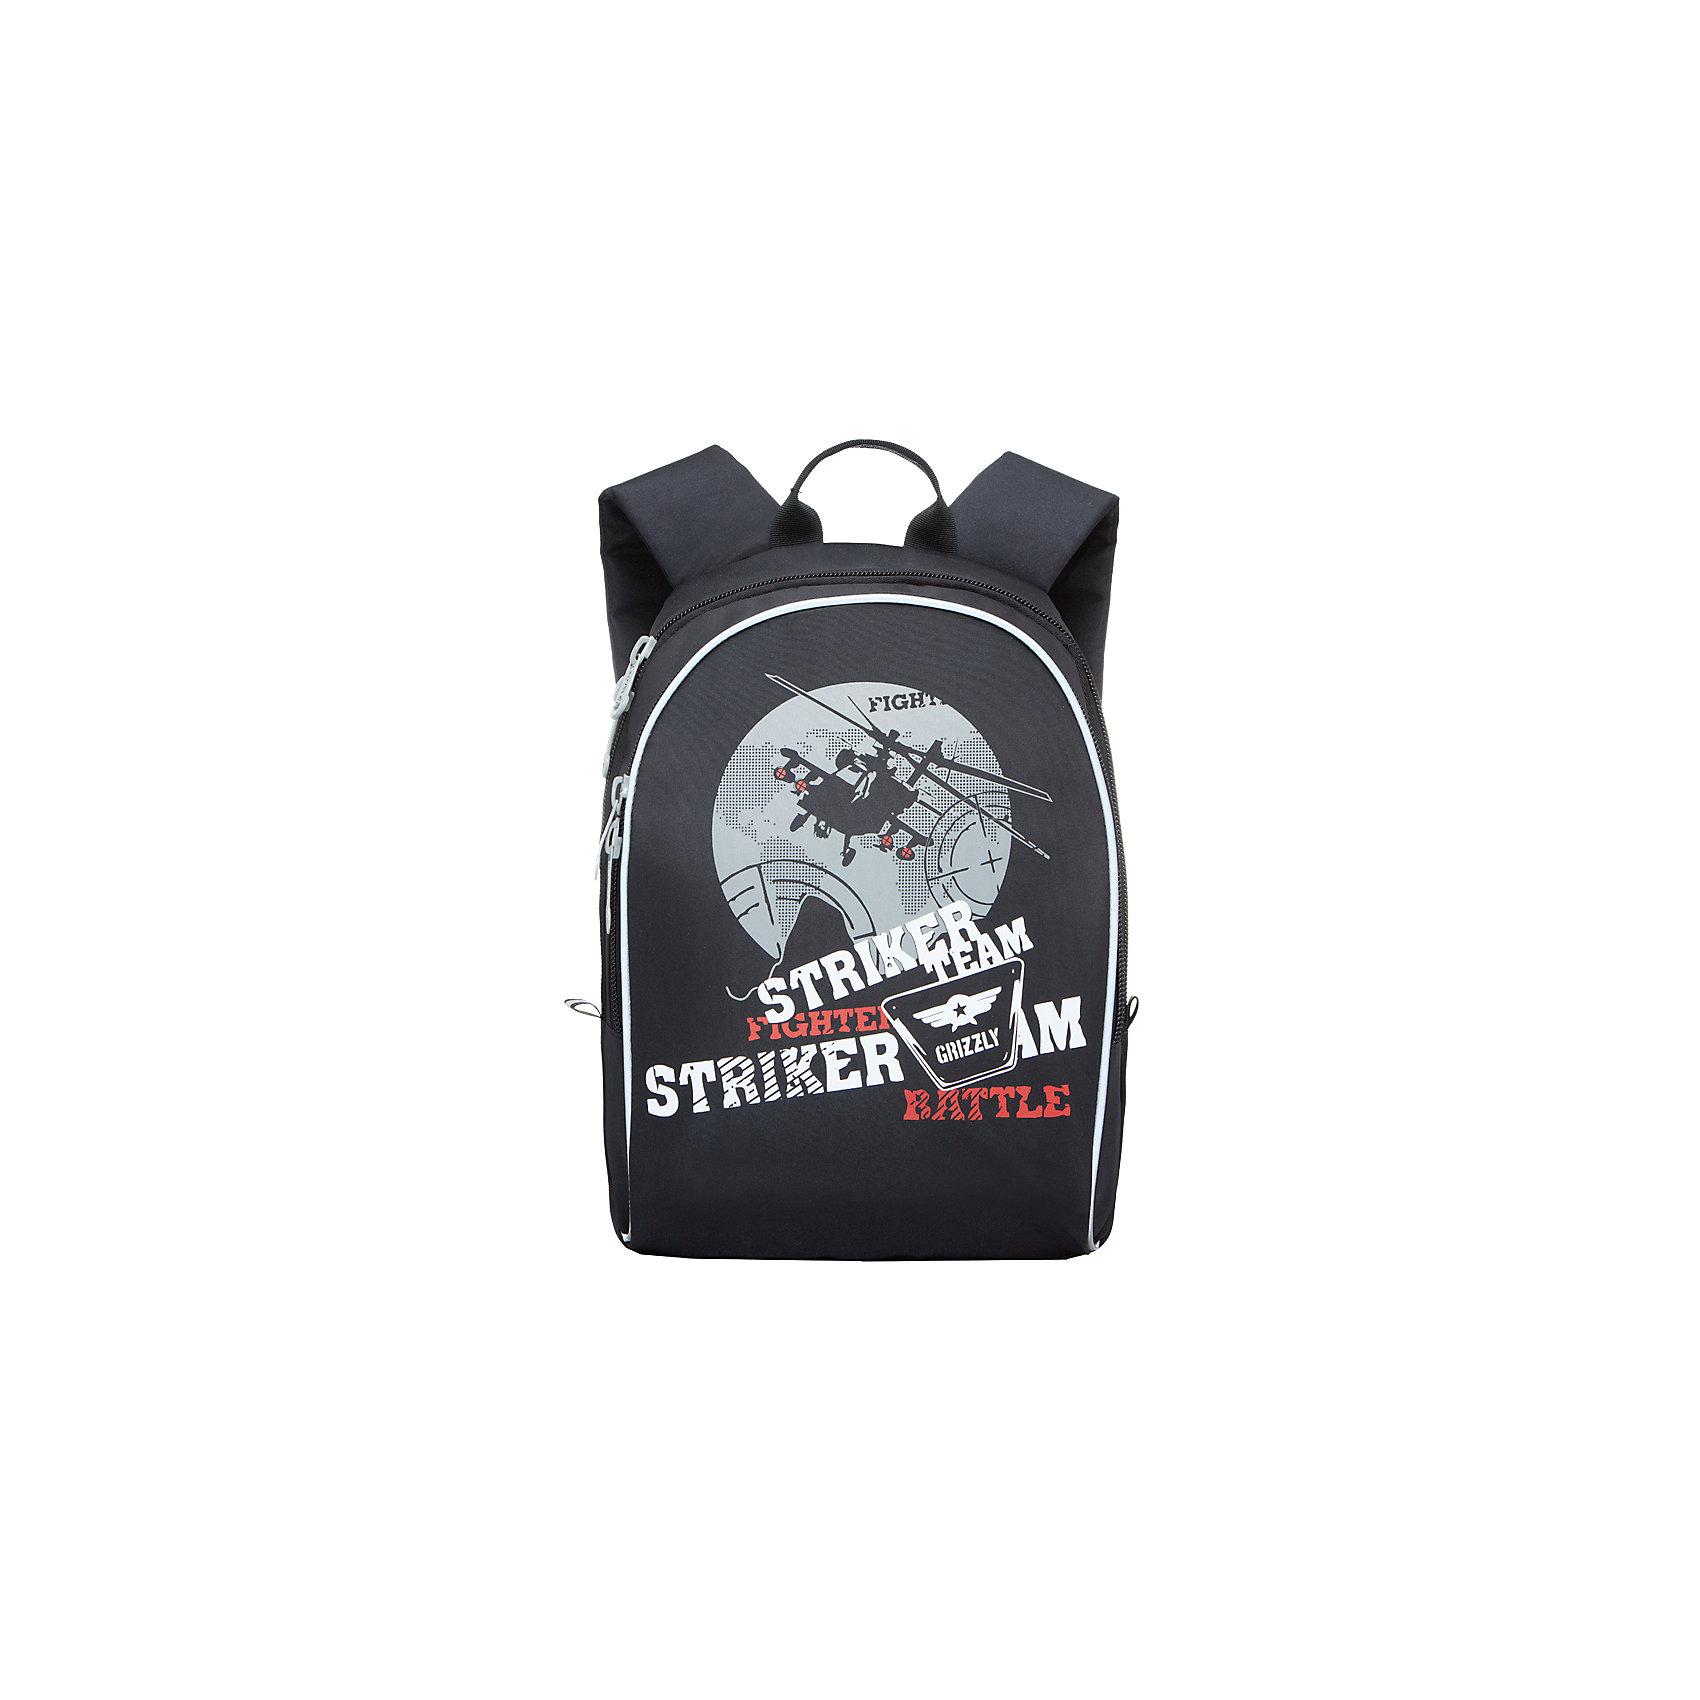 Школьный рюкзак Monster GrizzlyЯркий рюкзак украшен изображениями забавных монстров на лицевой стороне. Светоотражающие элементы по всему периметру рюкзака делают заметнее ученика в темное время суток.<br><br>Дополнительная информация:<br><br>одно отделение на молнии,<br>внутренний карман, <br>укрепленная спинка, <br>дополнительная ручка-петля, <br>укрепленные лямки, <br>светоотражающие элементы с четырех сторон<br>Карман-пенал на передней стенке<br>Размер:27х35х16см.<br>Вес: 470 г<br><br>Рюкзак школьный, Monster Grizzly , черно-серый можно купить в нашем магазине.<br><br>Ширина мм: 270<br>Глубина мм: 160<br>Высота мм: 370<br>Вес г: 388<br>Возраст от месяцев: 72<br>Возраст до месяцев: 120<br>Пол: Мужской<br>Возраст: Детский<br>SKU: 4632773